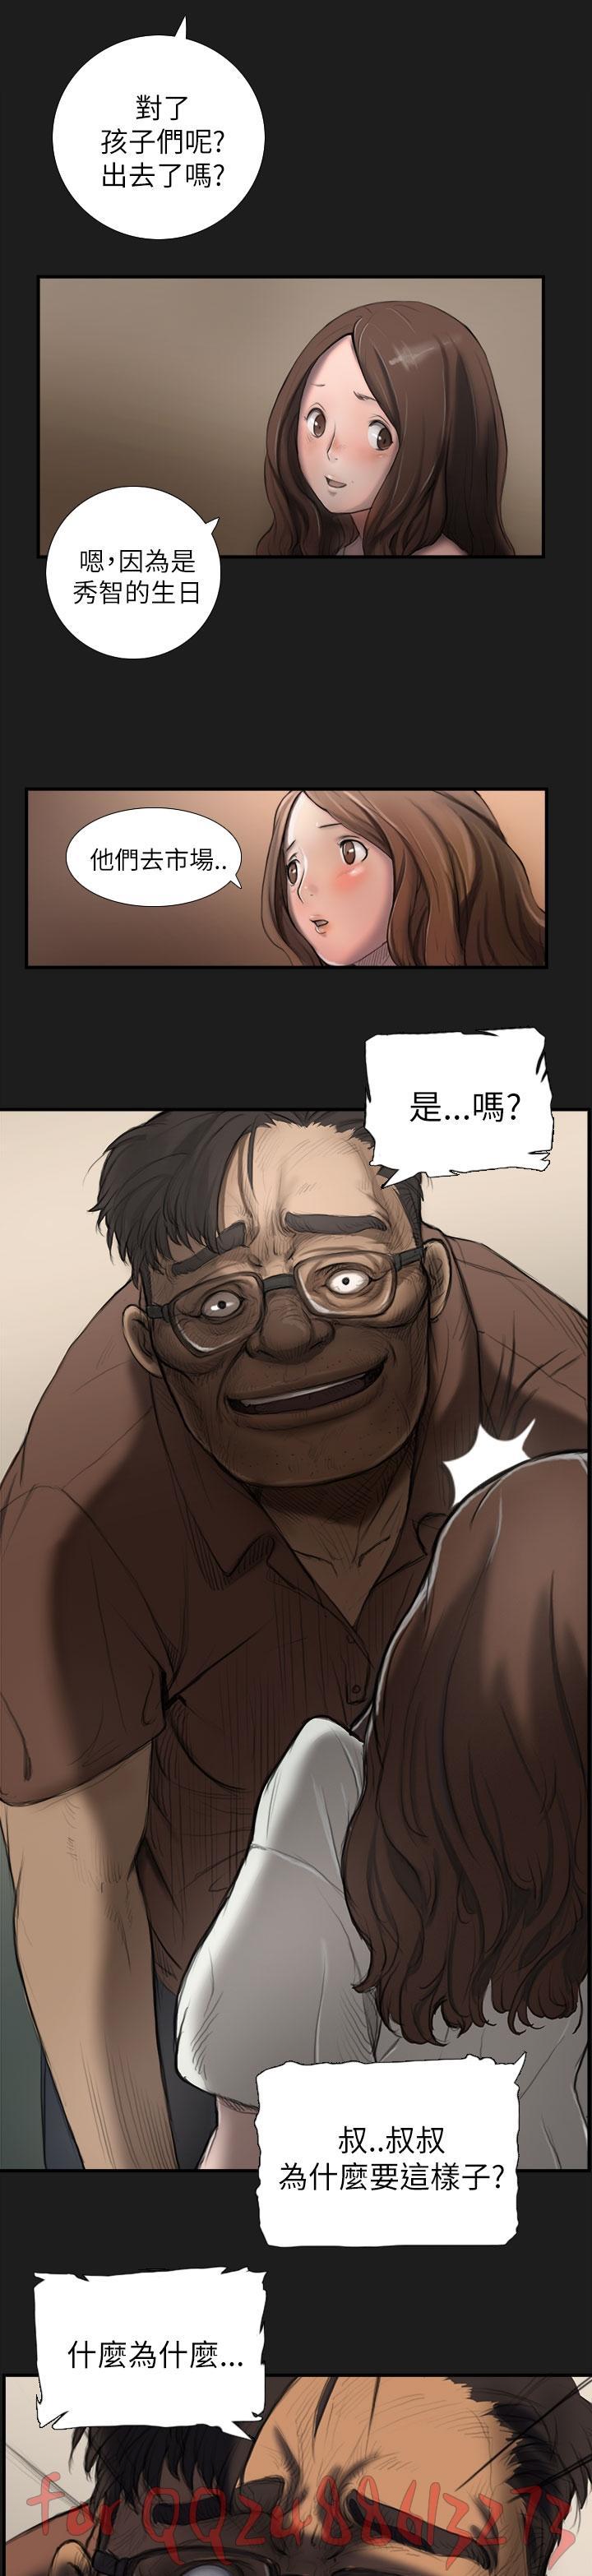 姊姊: 莲 第1~10話 [Chinese]中文 67